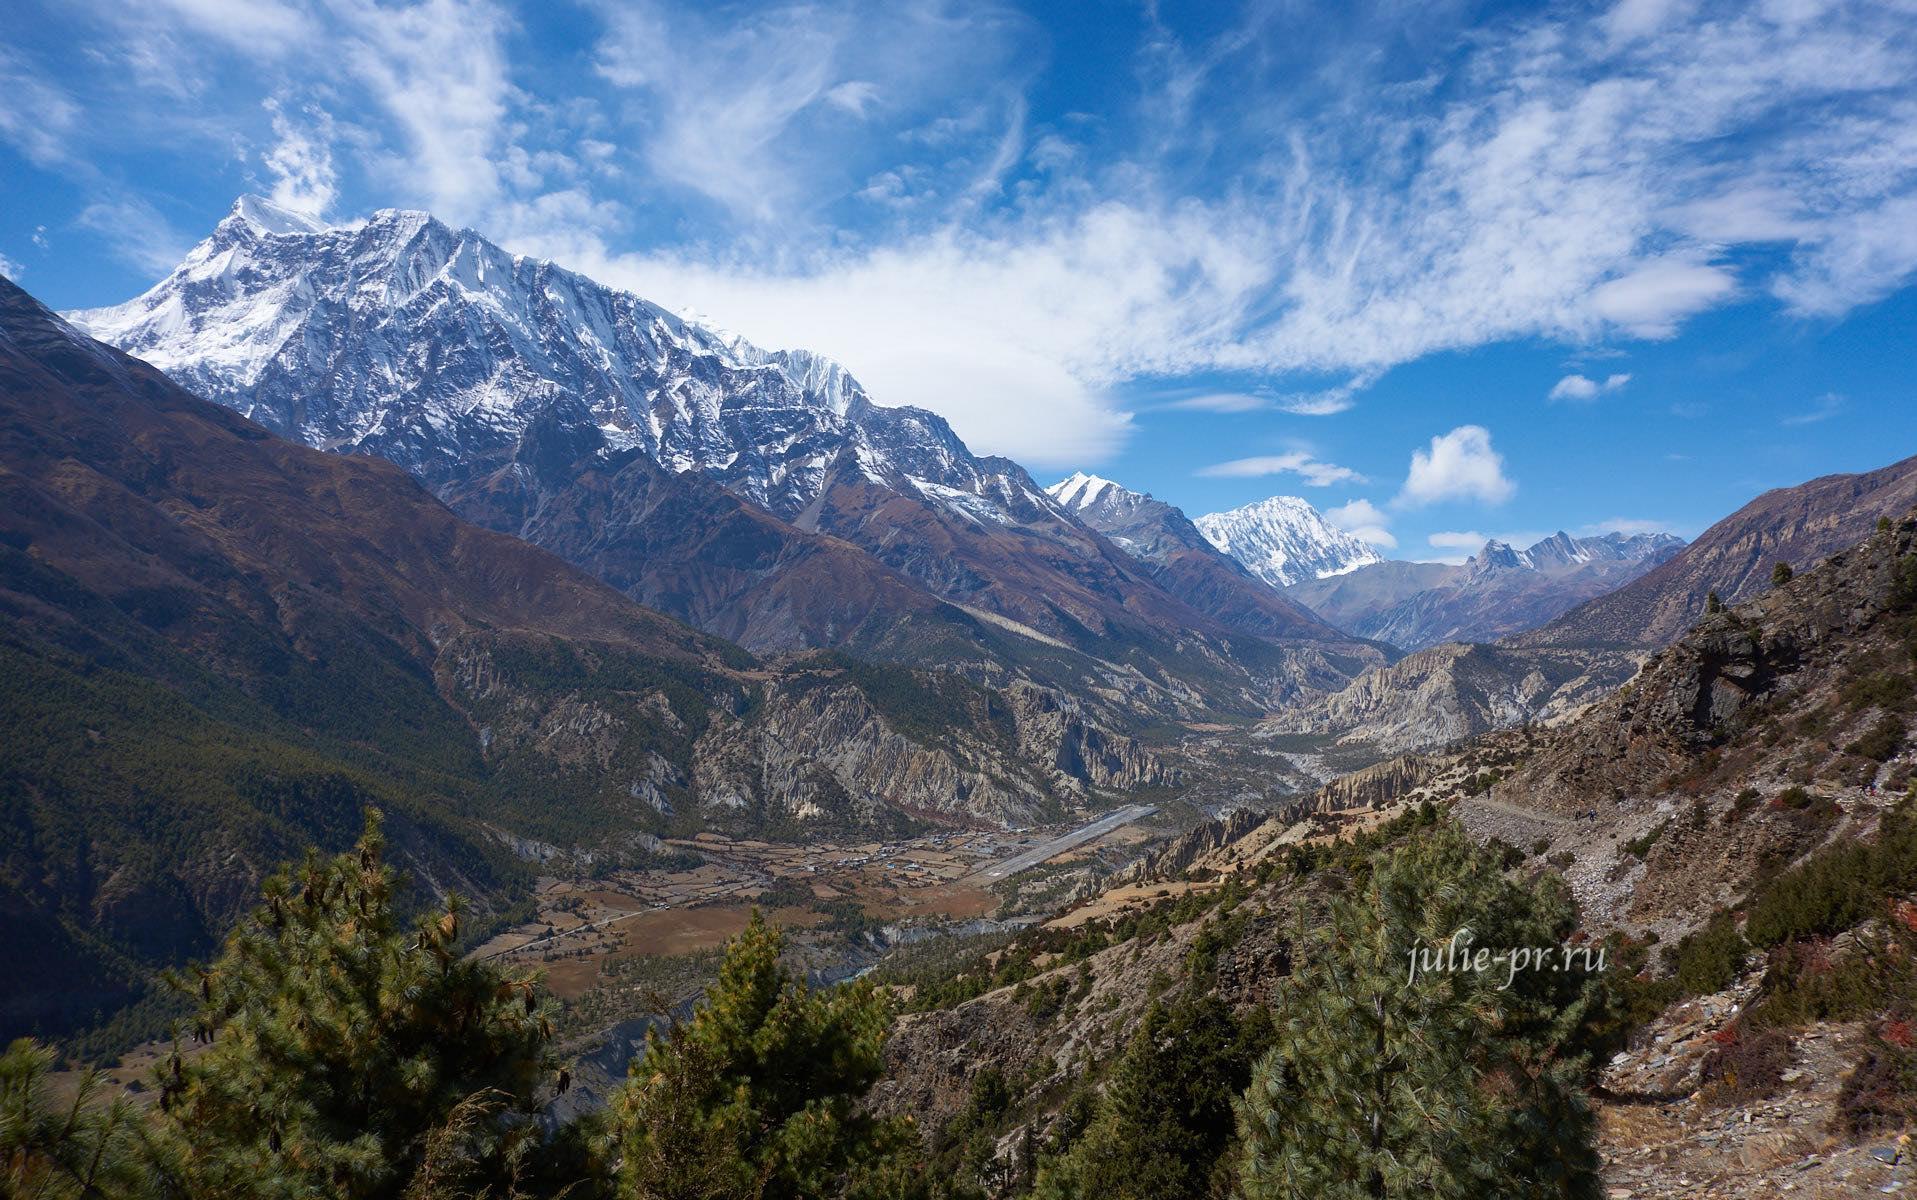 Непал, Трек вокруг Аннапурны, Аннапурна-III